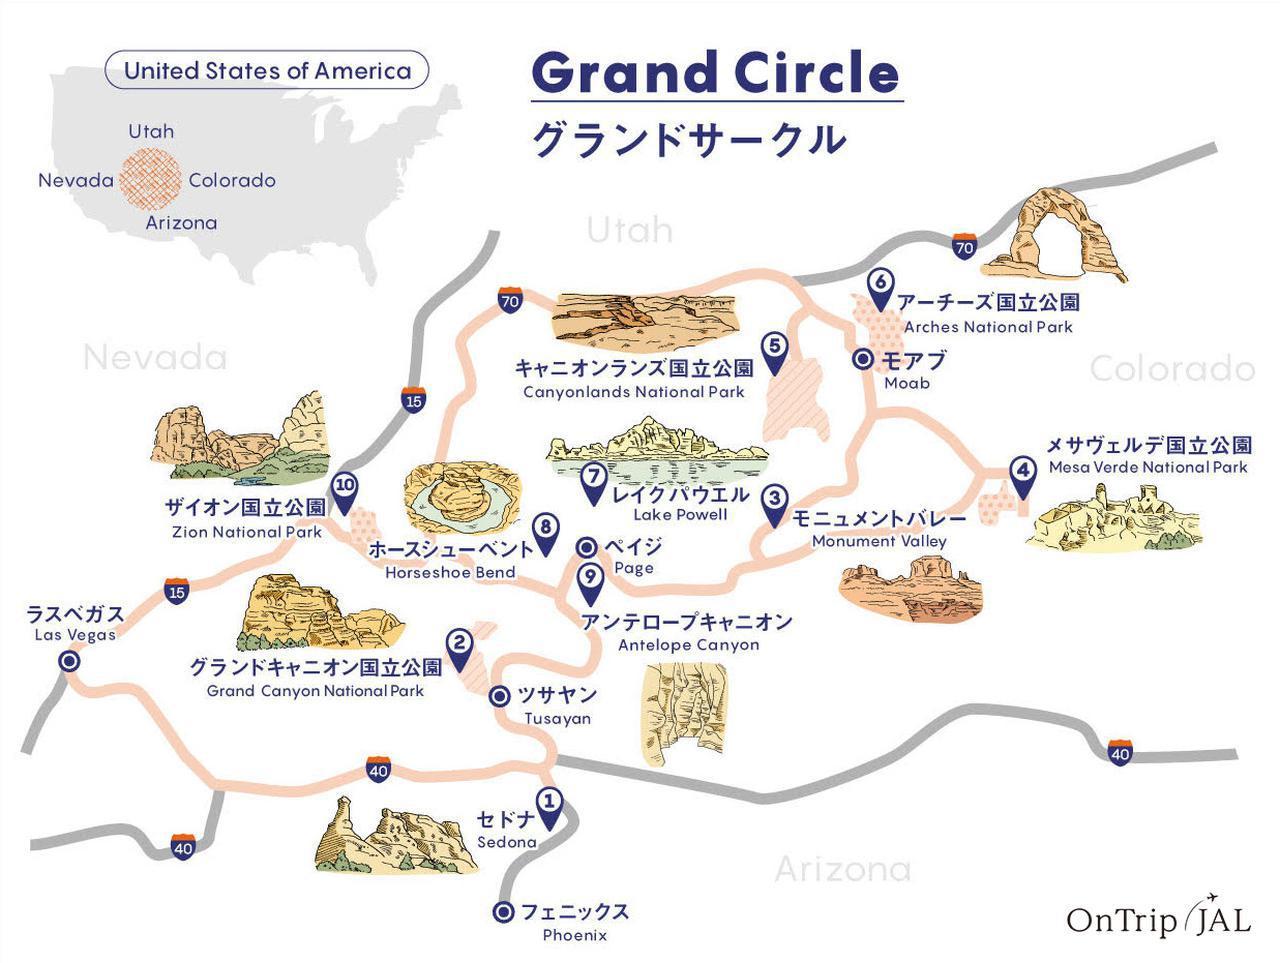 画像: アメリカ・グランドサークルの絶景トップ10を巡るドライブコース|OnTrip JAL